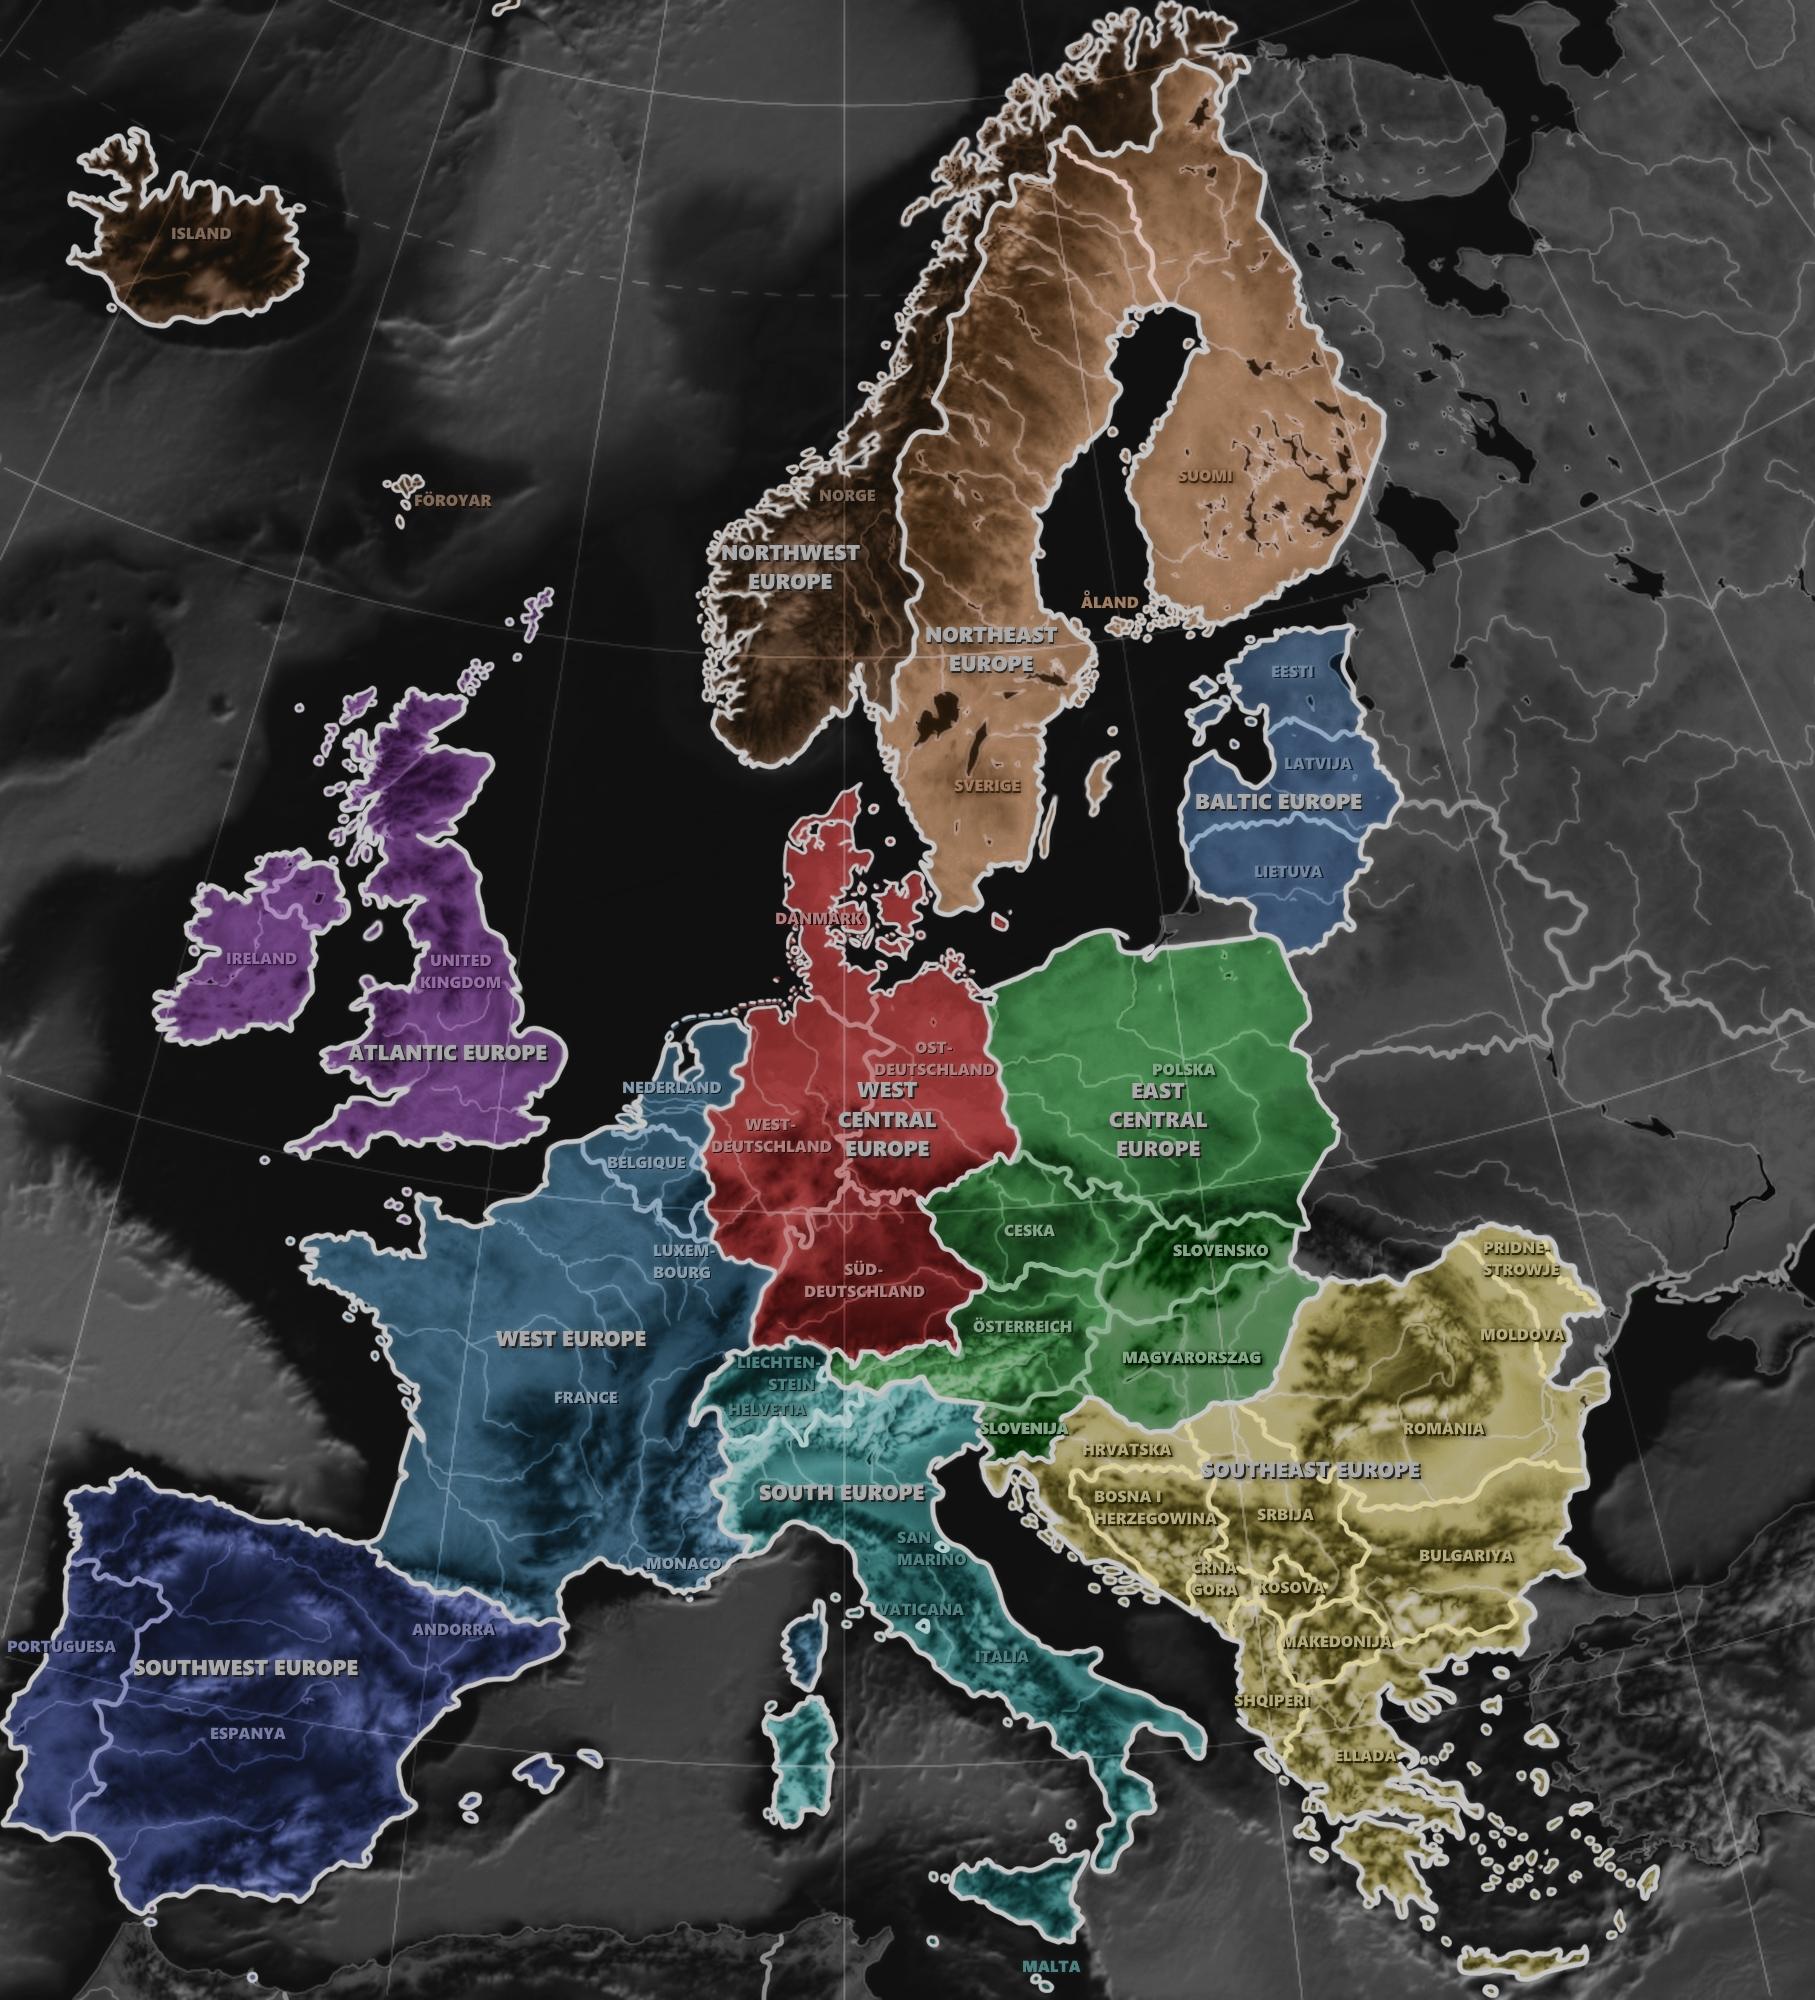 Neuordnung Europas, Europas Bundesstaaten, Gliederung Europas, Mitteleuropa, Zentraleuropa, West Zentraleuropa, west central europe, Europa, Neuordnung, Regionen, Bundesstaaten, Bundesländer, middle europe, central europe, europe, regions, deutsch dänische vereinigung, ost mitteleuropa, süd mitteleuropa, west mitteleuropa, Europäische Union